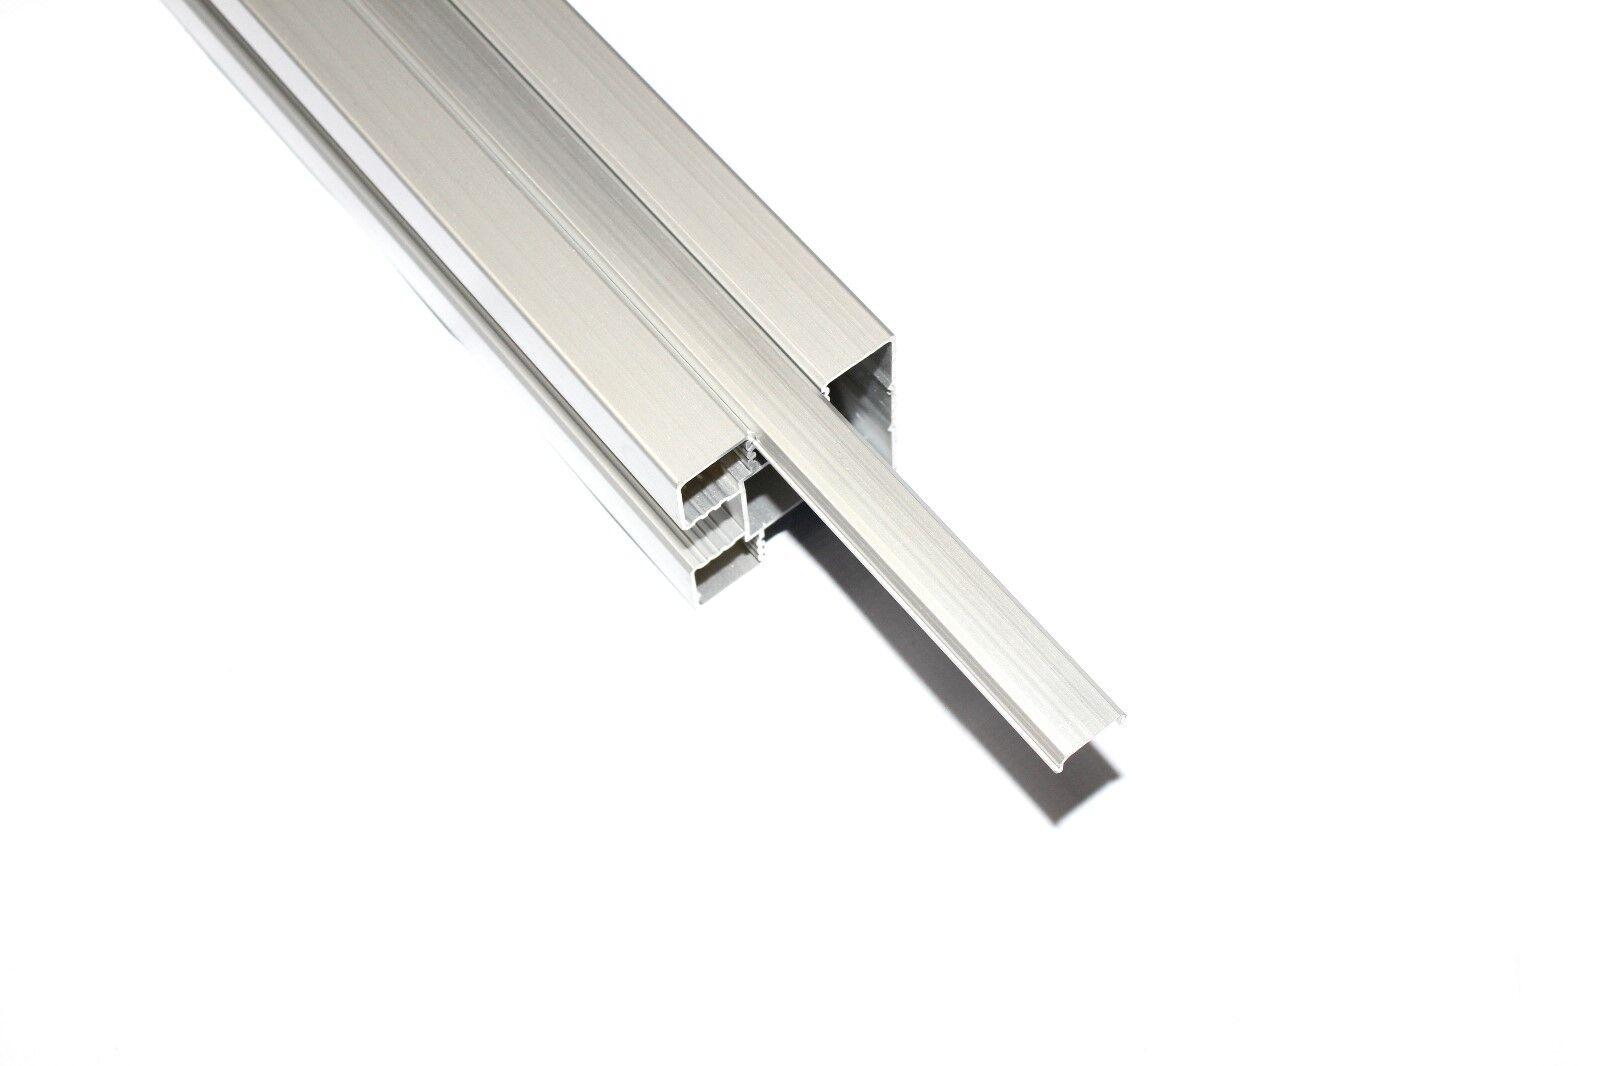 Alublende Pfostenblende Alupfosten Pfosten Blindleiste für WPC Systemzaun 190 cm